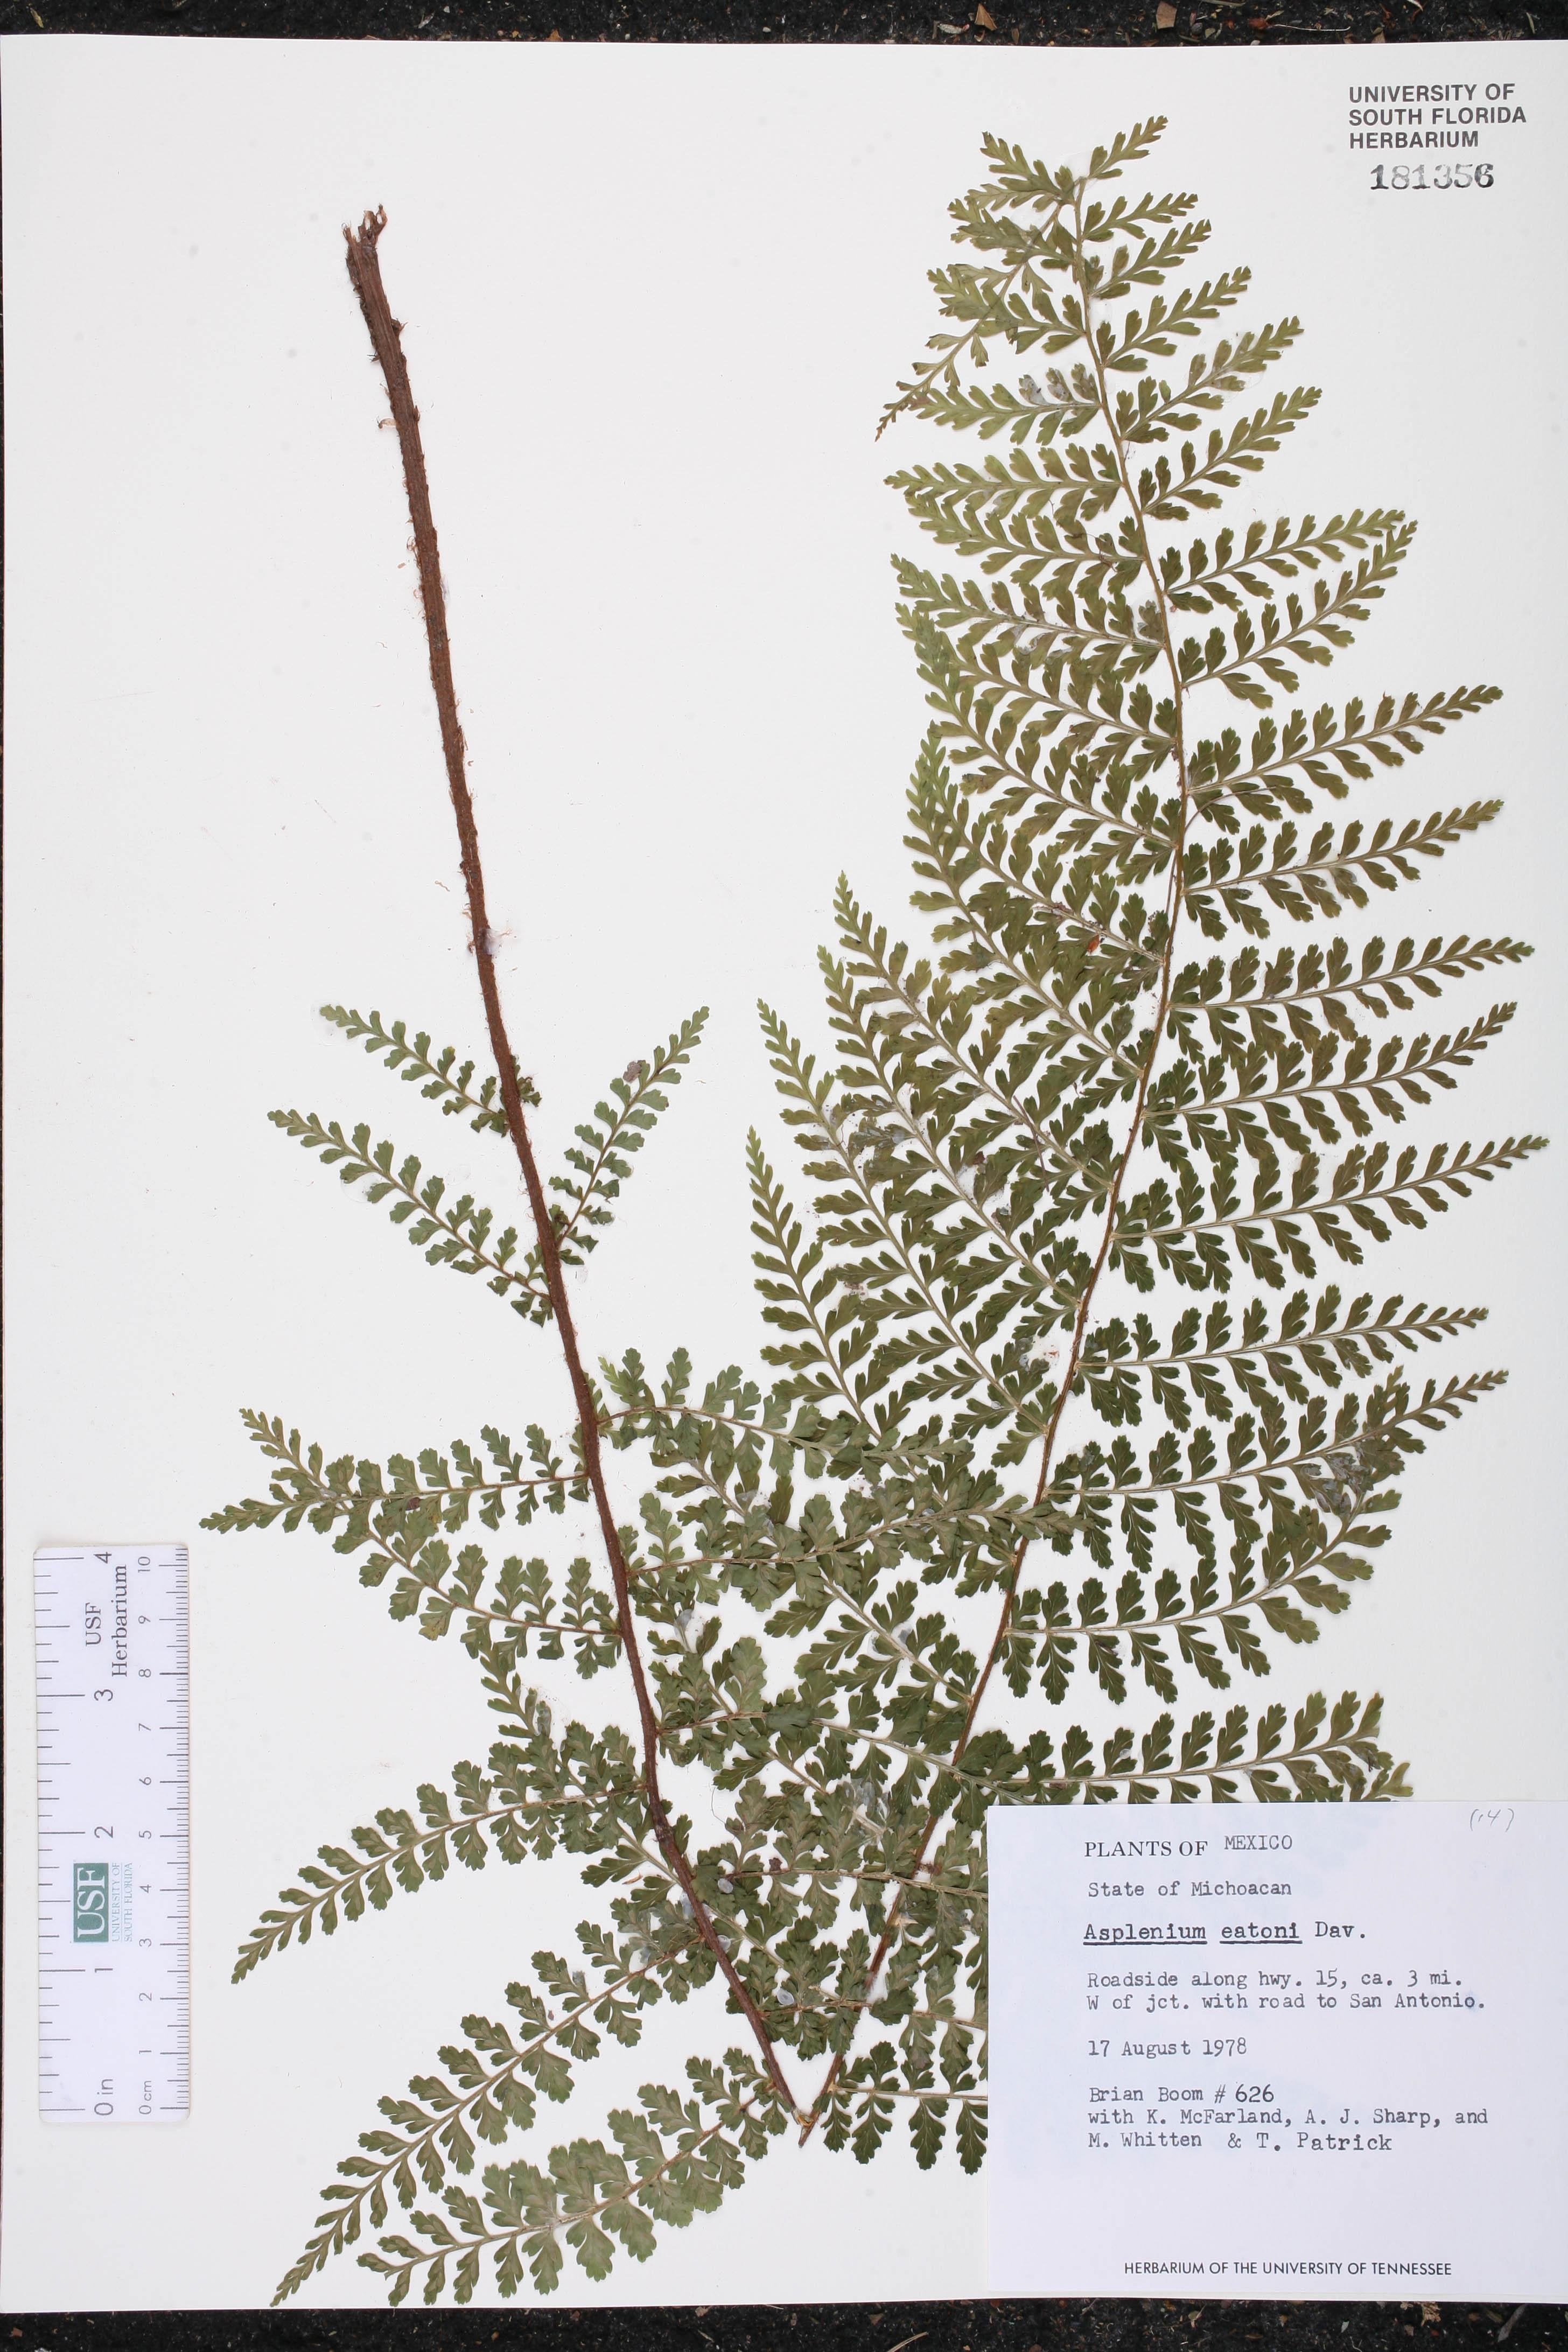 Asplenium eatonii image